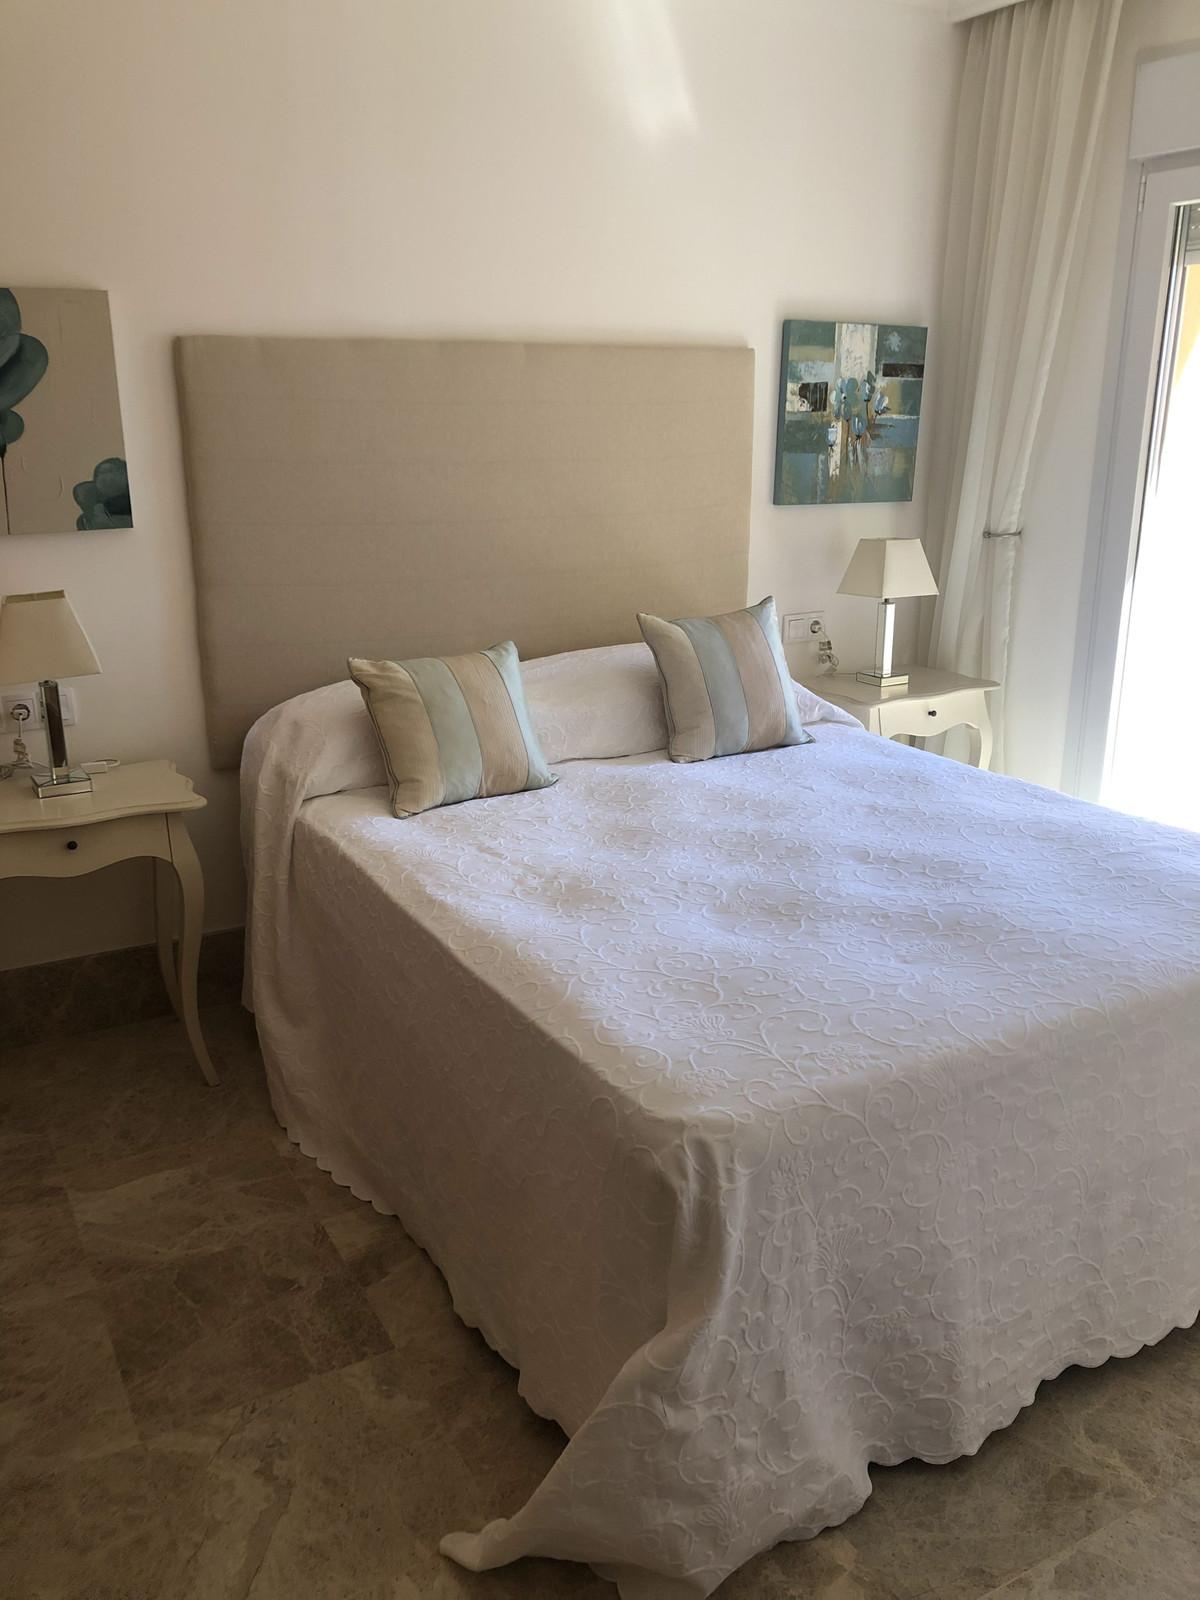 Unifamiliar con 3 Dormitorios en Venta Santa Clara